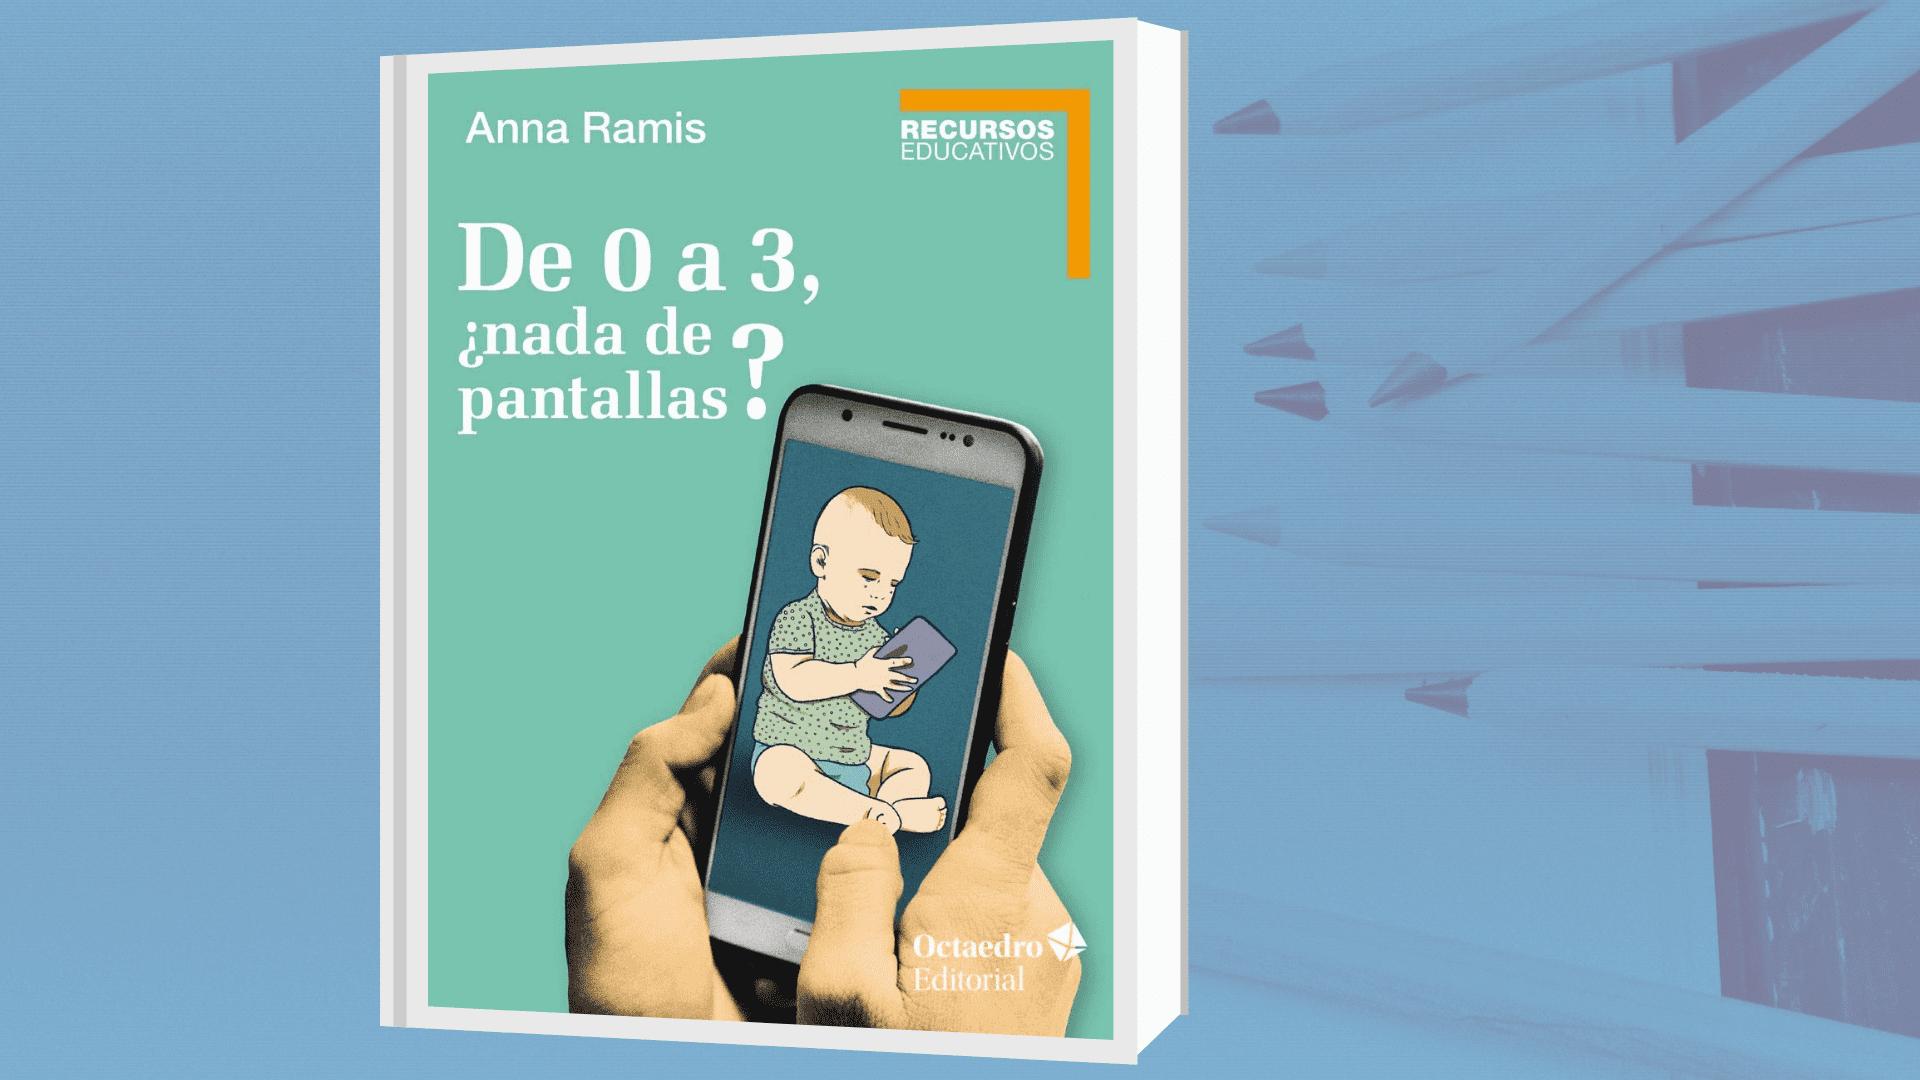 De-0-a-3-nada-de-pantallas-Anna-Ramis-i-Assens